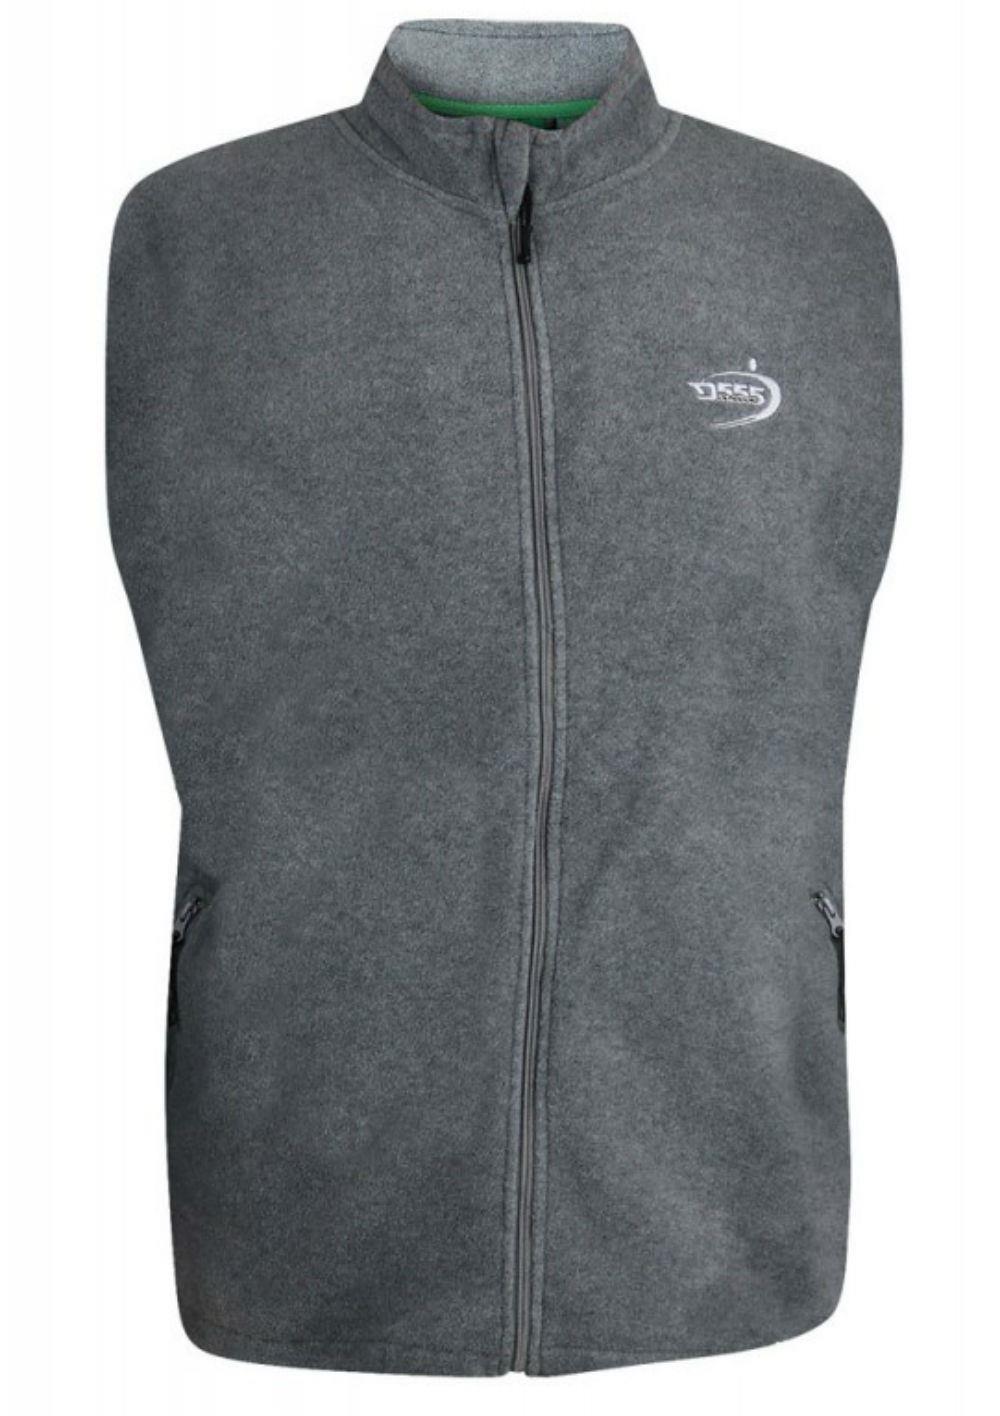 D555 Benjamin Full Zipper Antipeel Fleece Gilet Charcoal